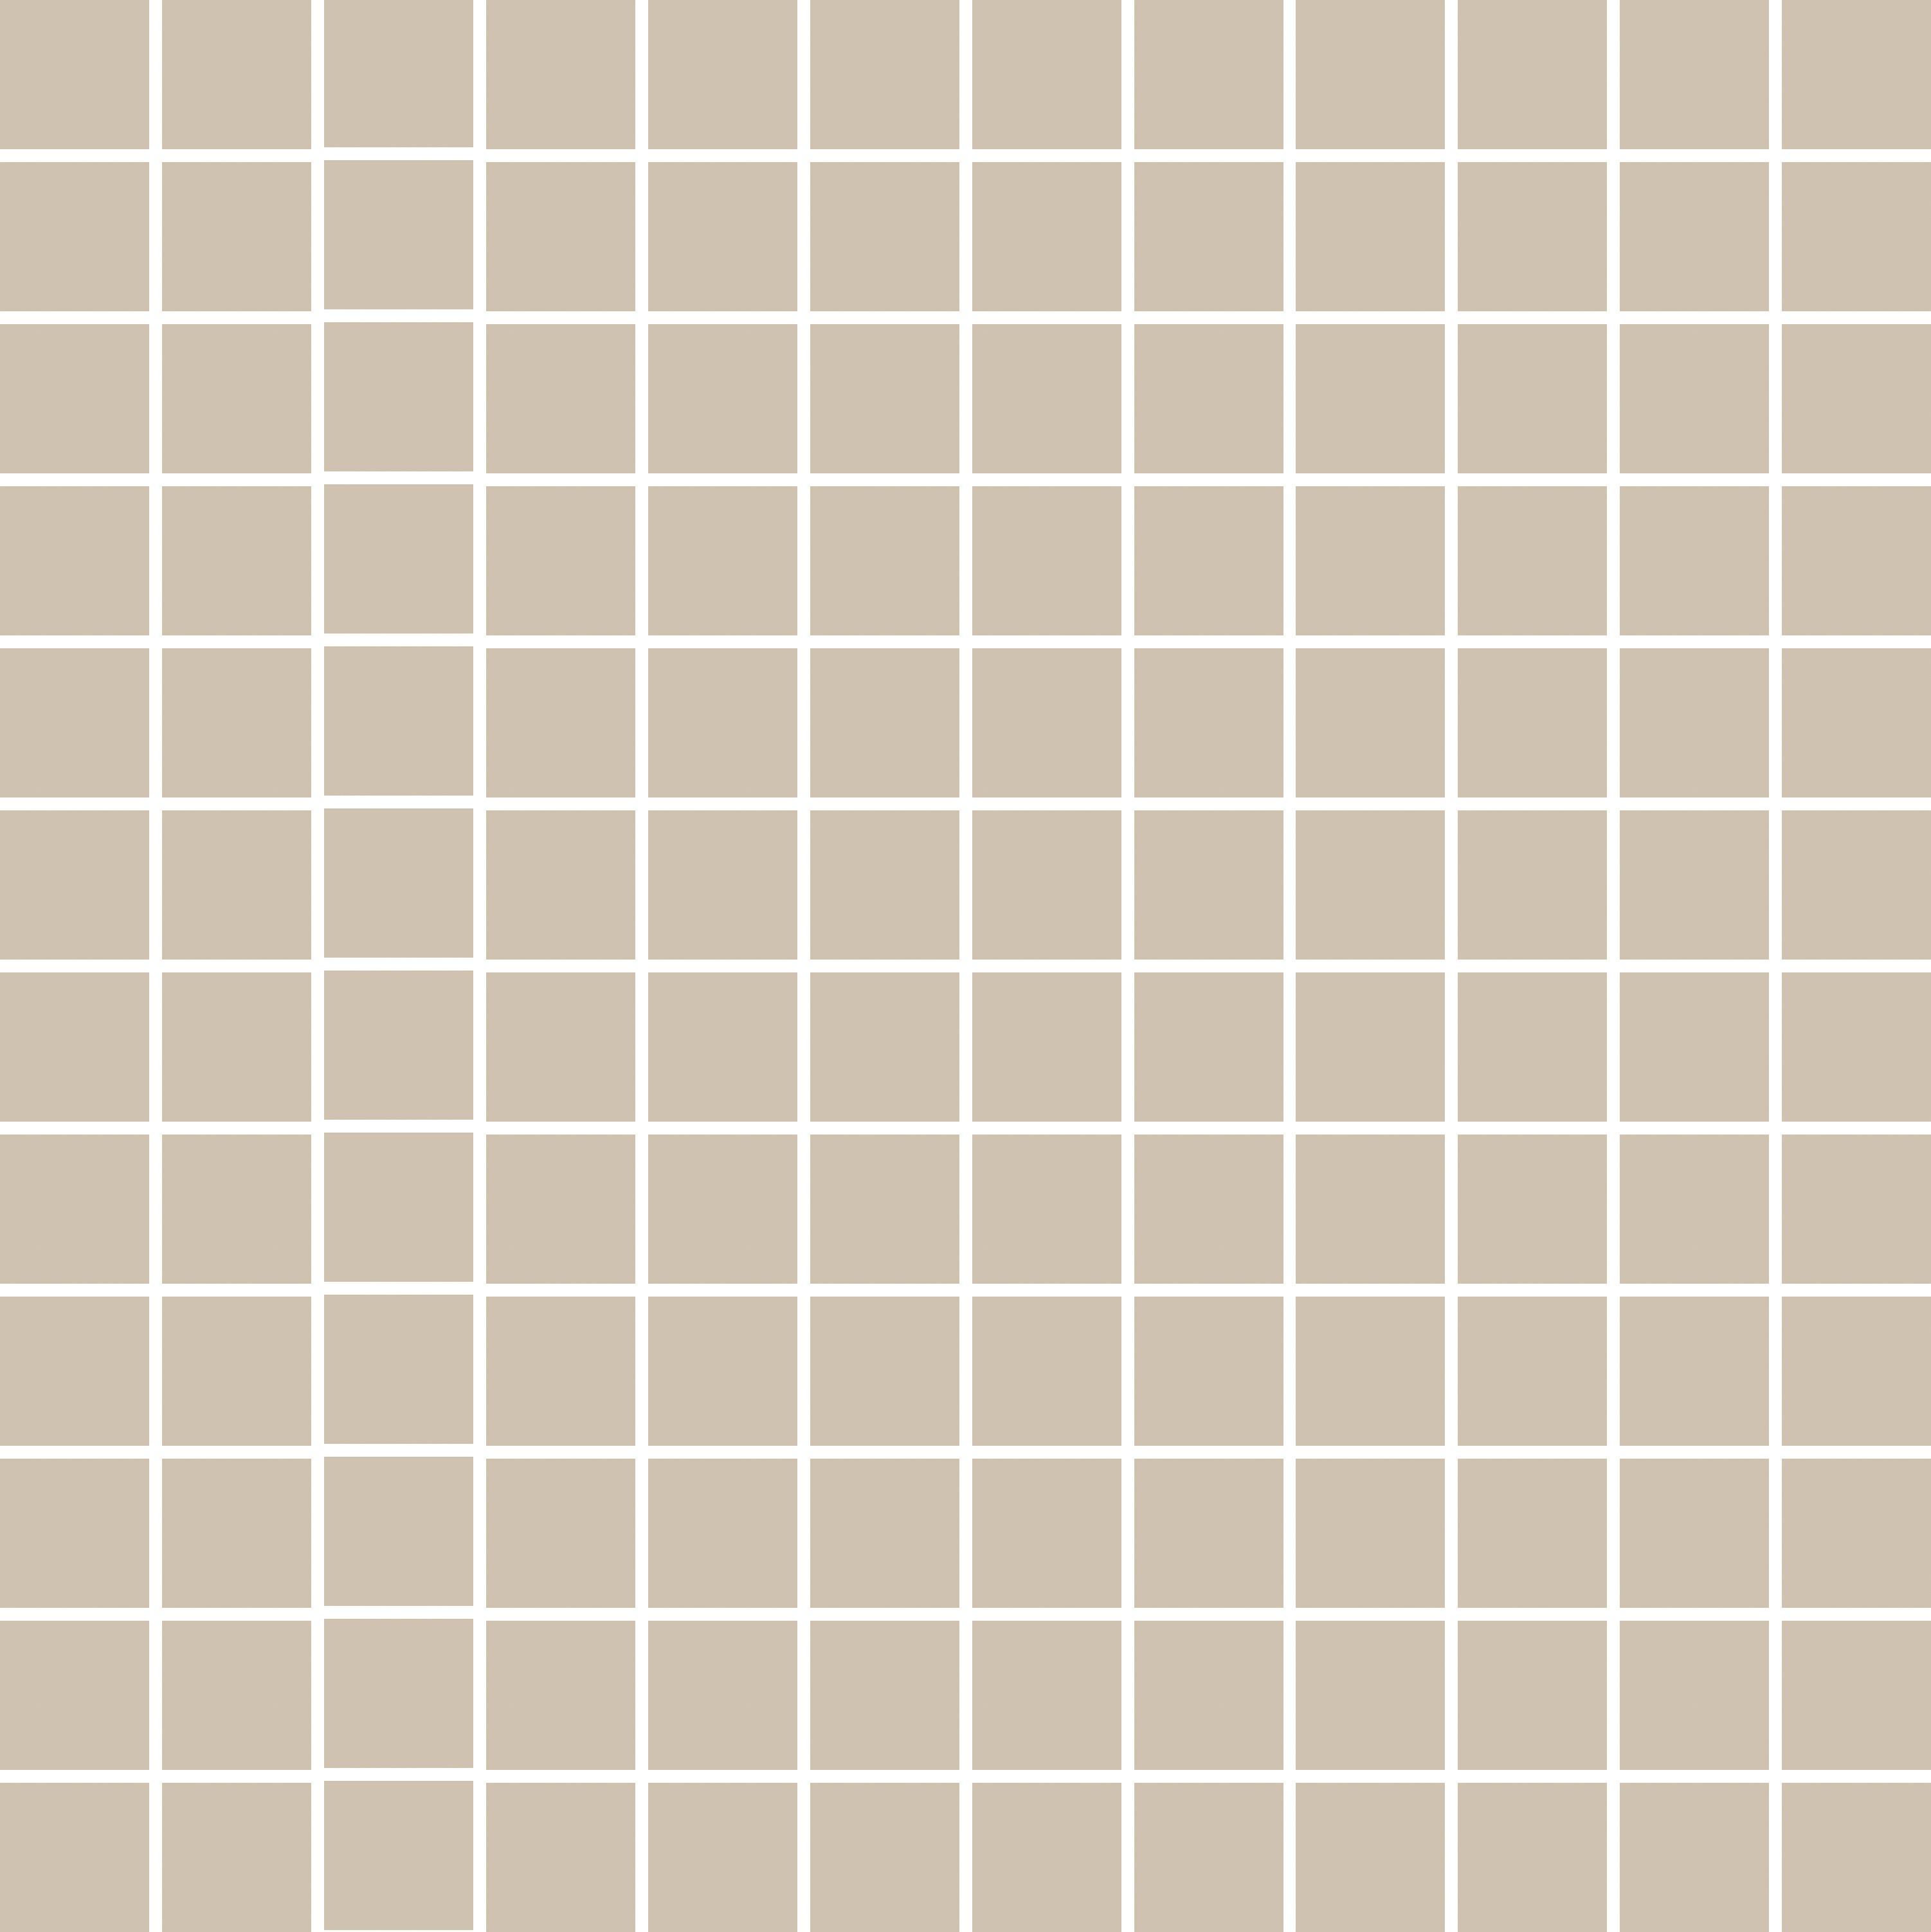 25-0340, Mosaico Porcelanico 2019, Beige, lattia,liukastumisenesto,mosaiikki,pakkasenkesto